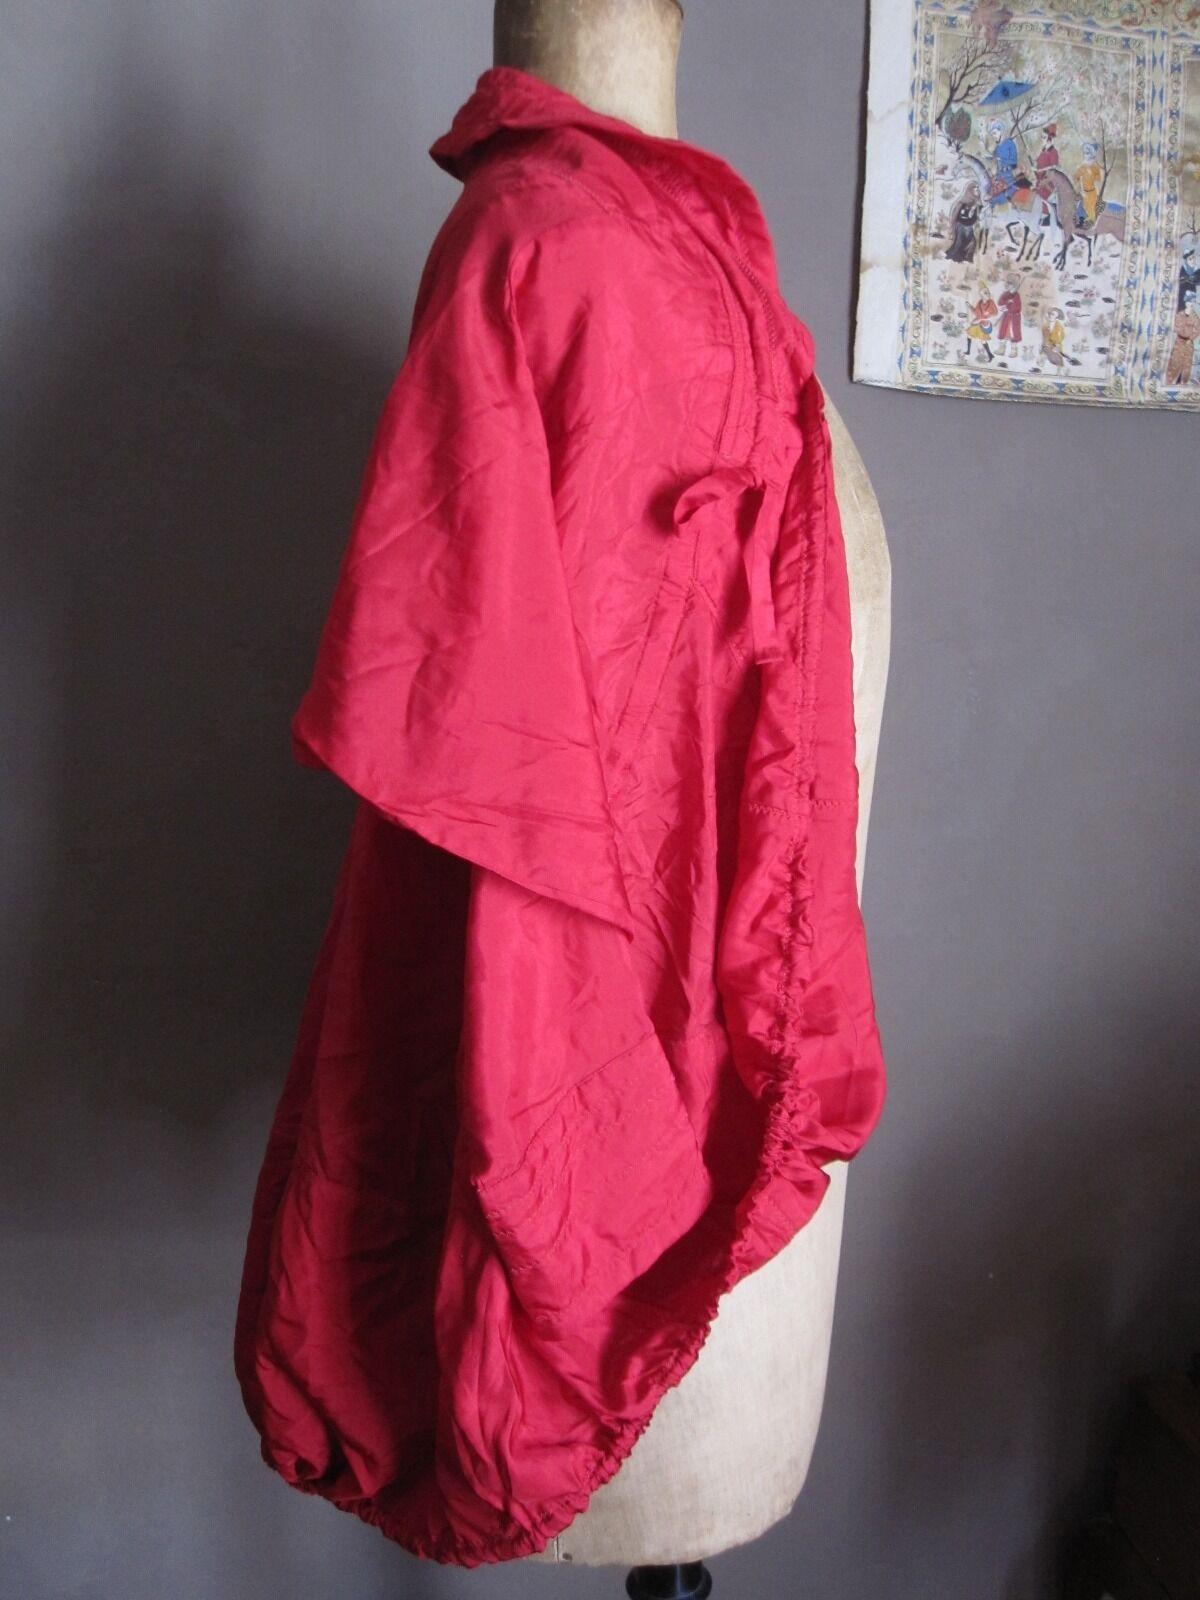 BELLE VESTE CHEMISE MARITHE FRANCOIS GIRBAUD rosso COQUELICOT T XS XS XS 34 36 PARFAIT 84c77d